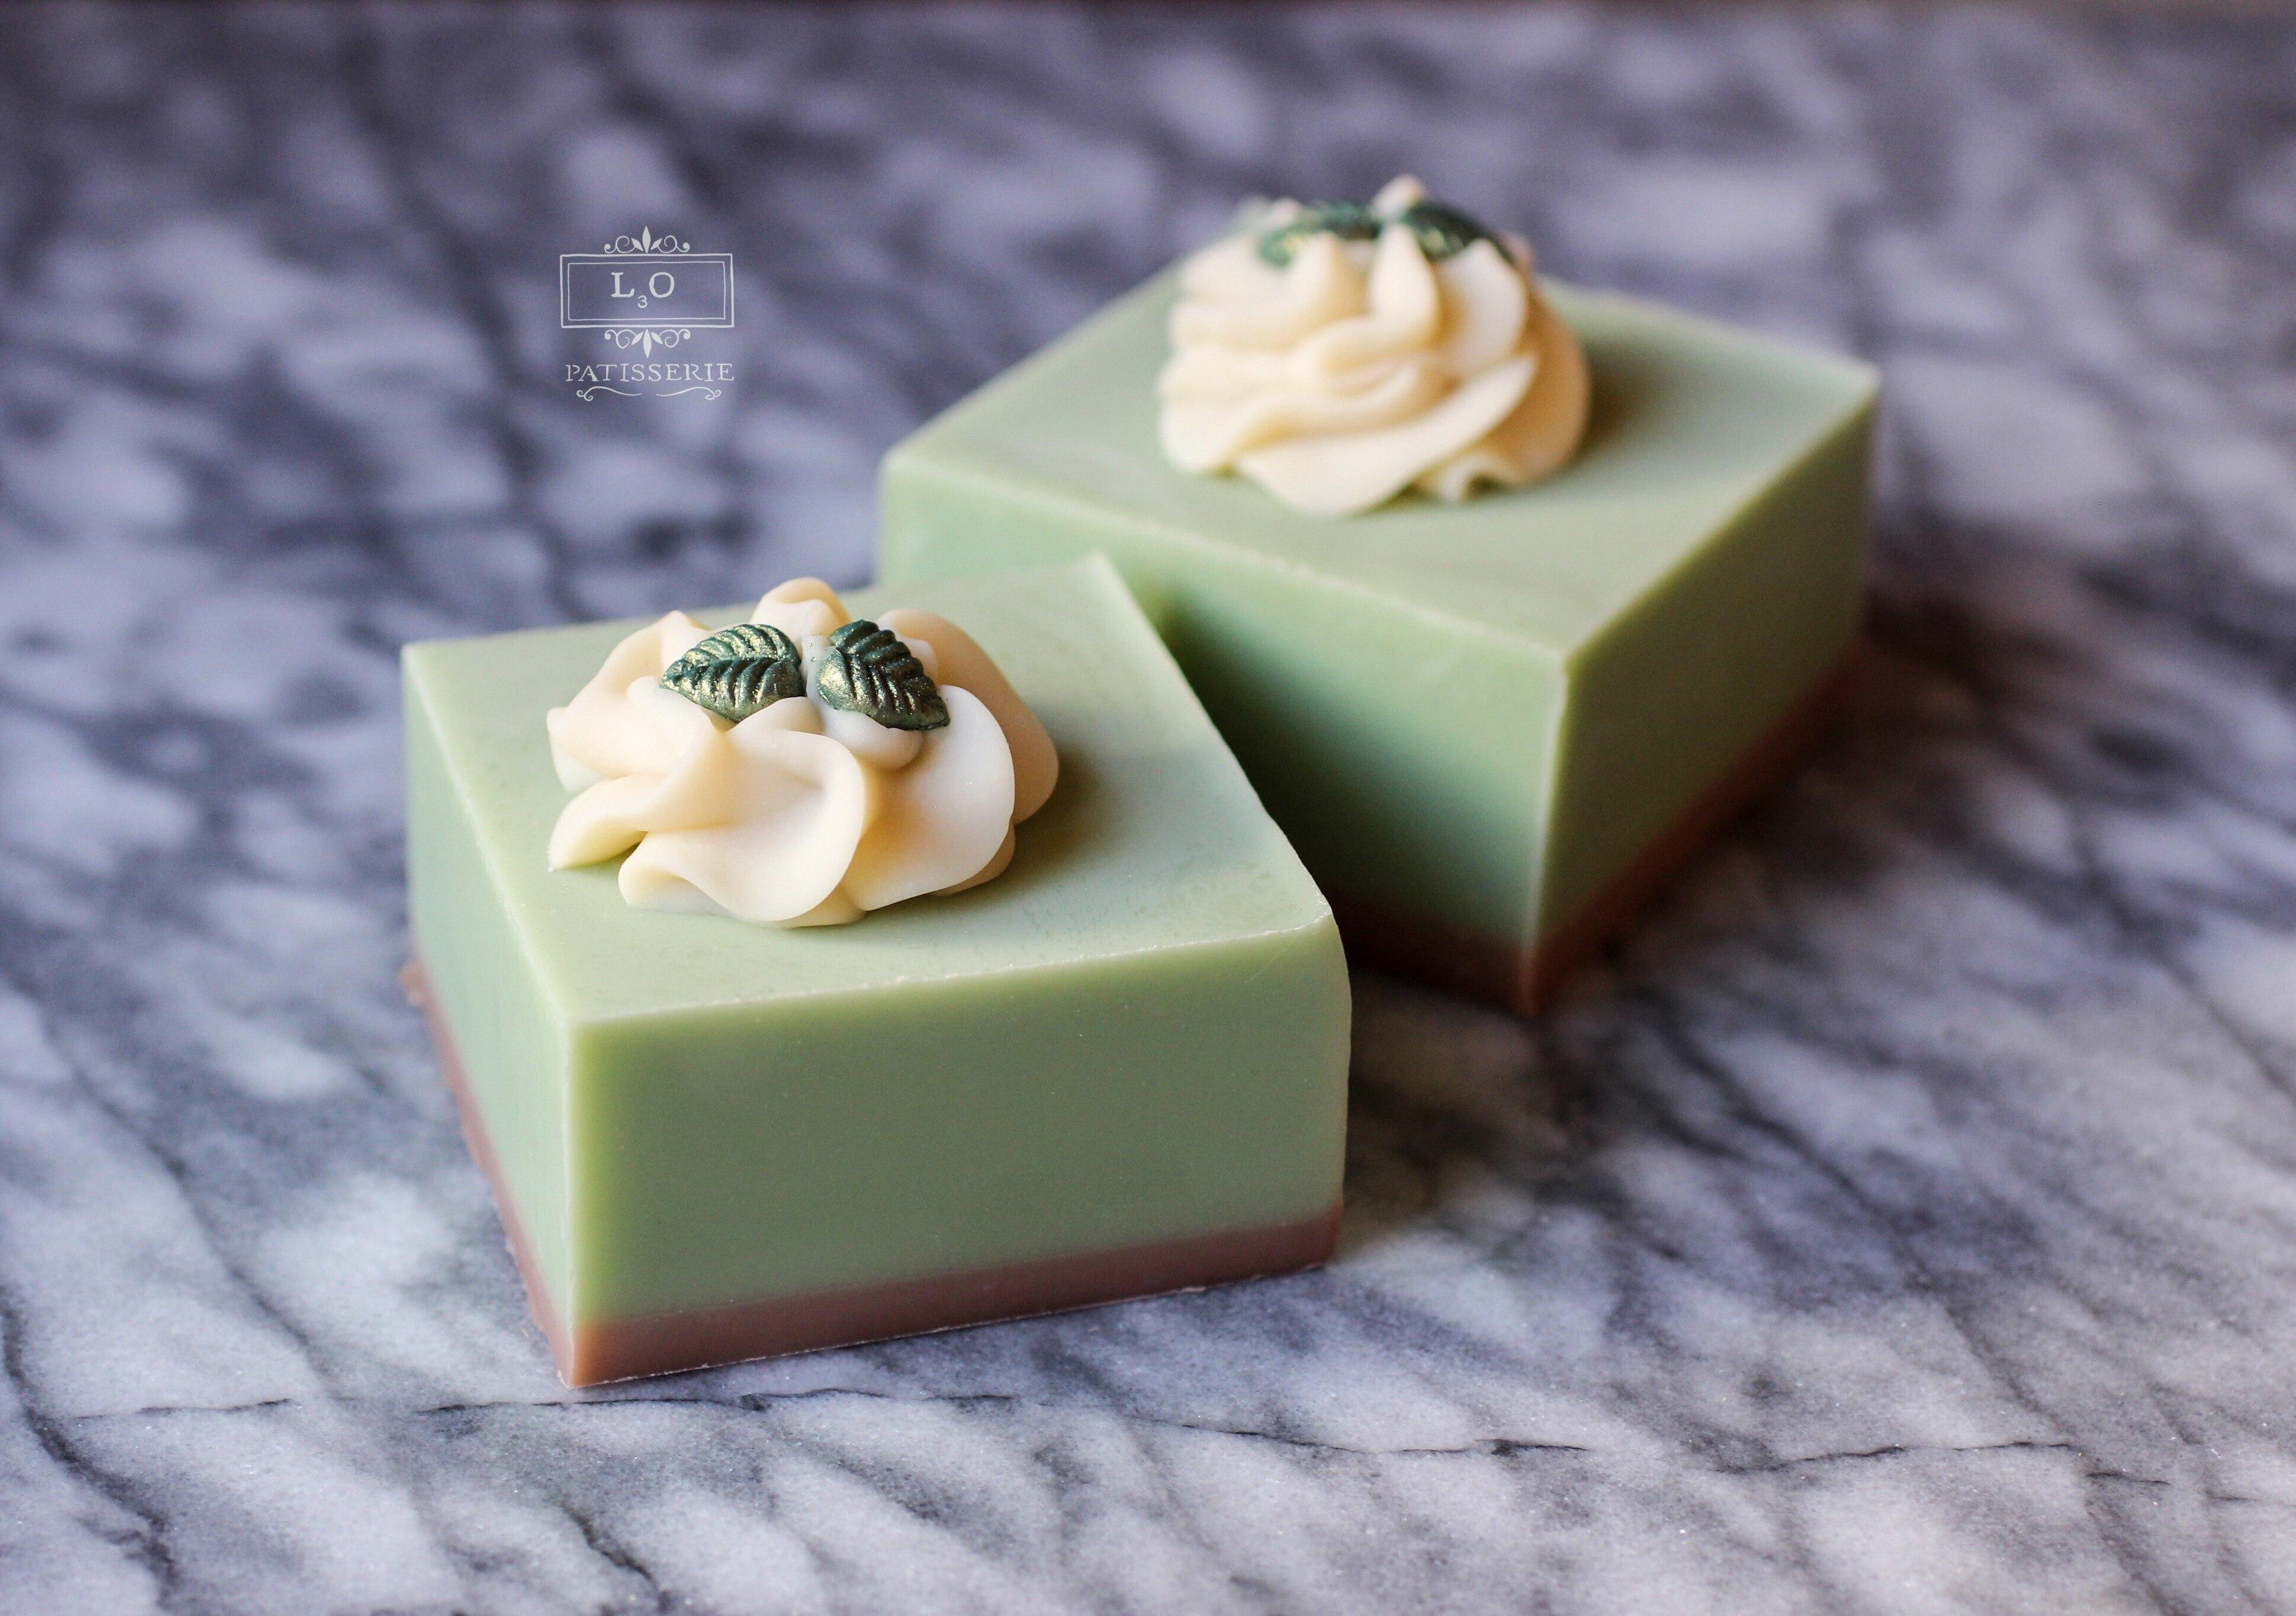 matcha tea soap by l3o soaps